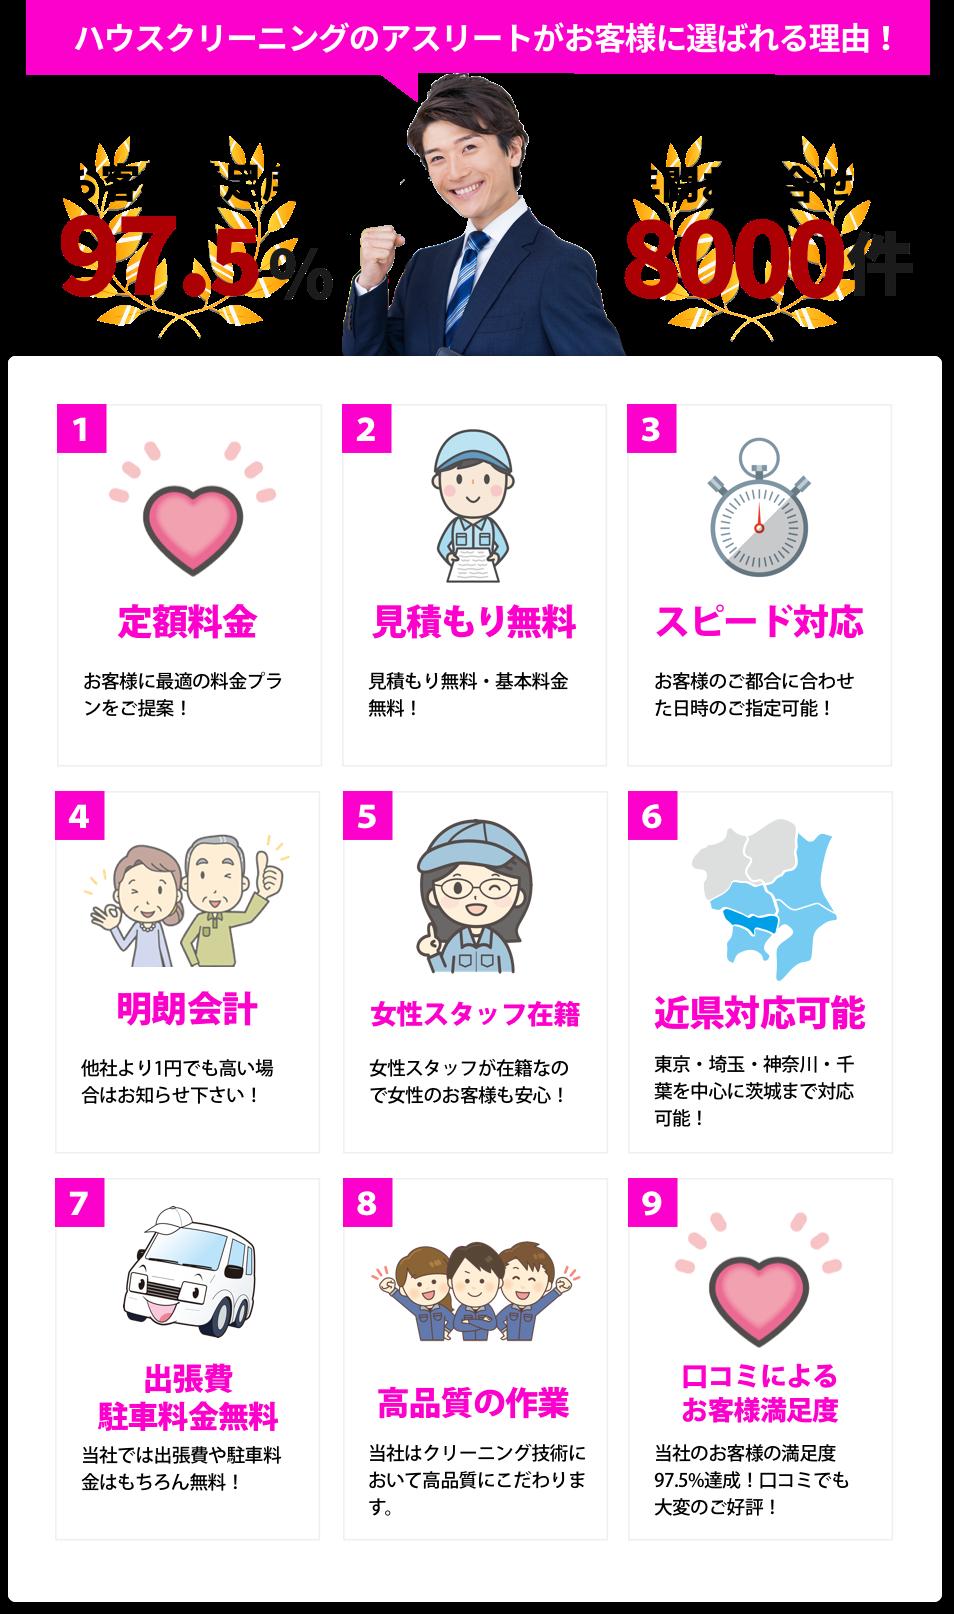 ハウスクリーニング業者 埼玉